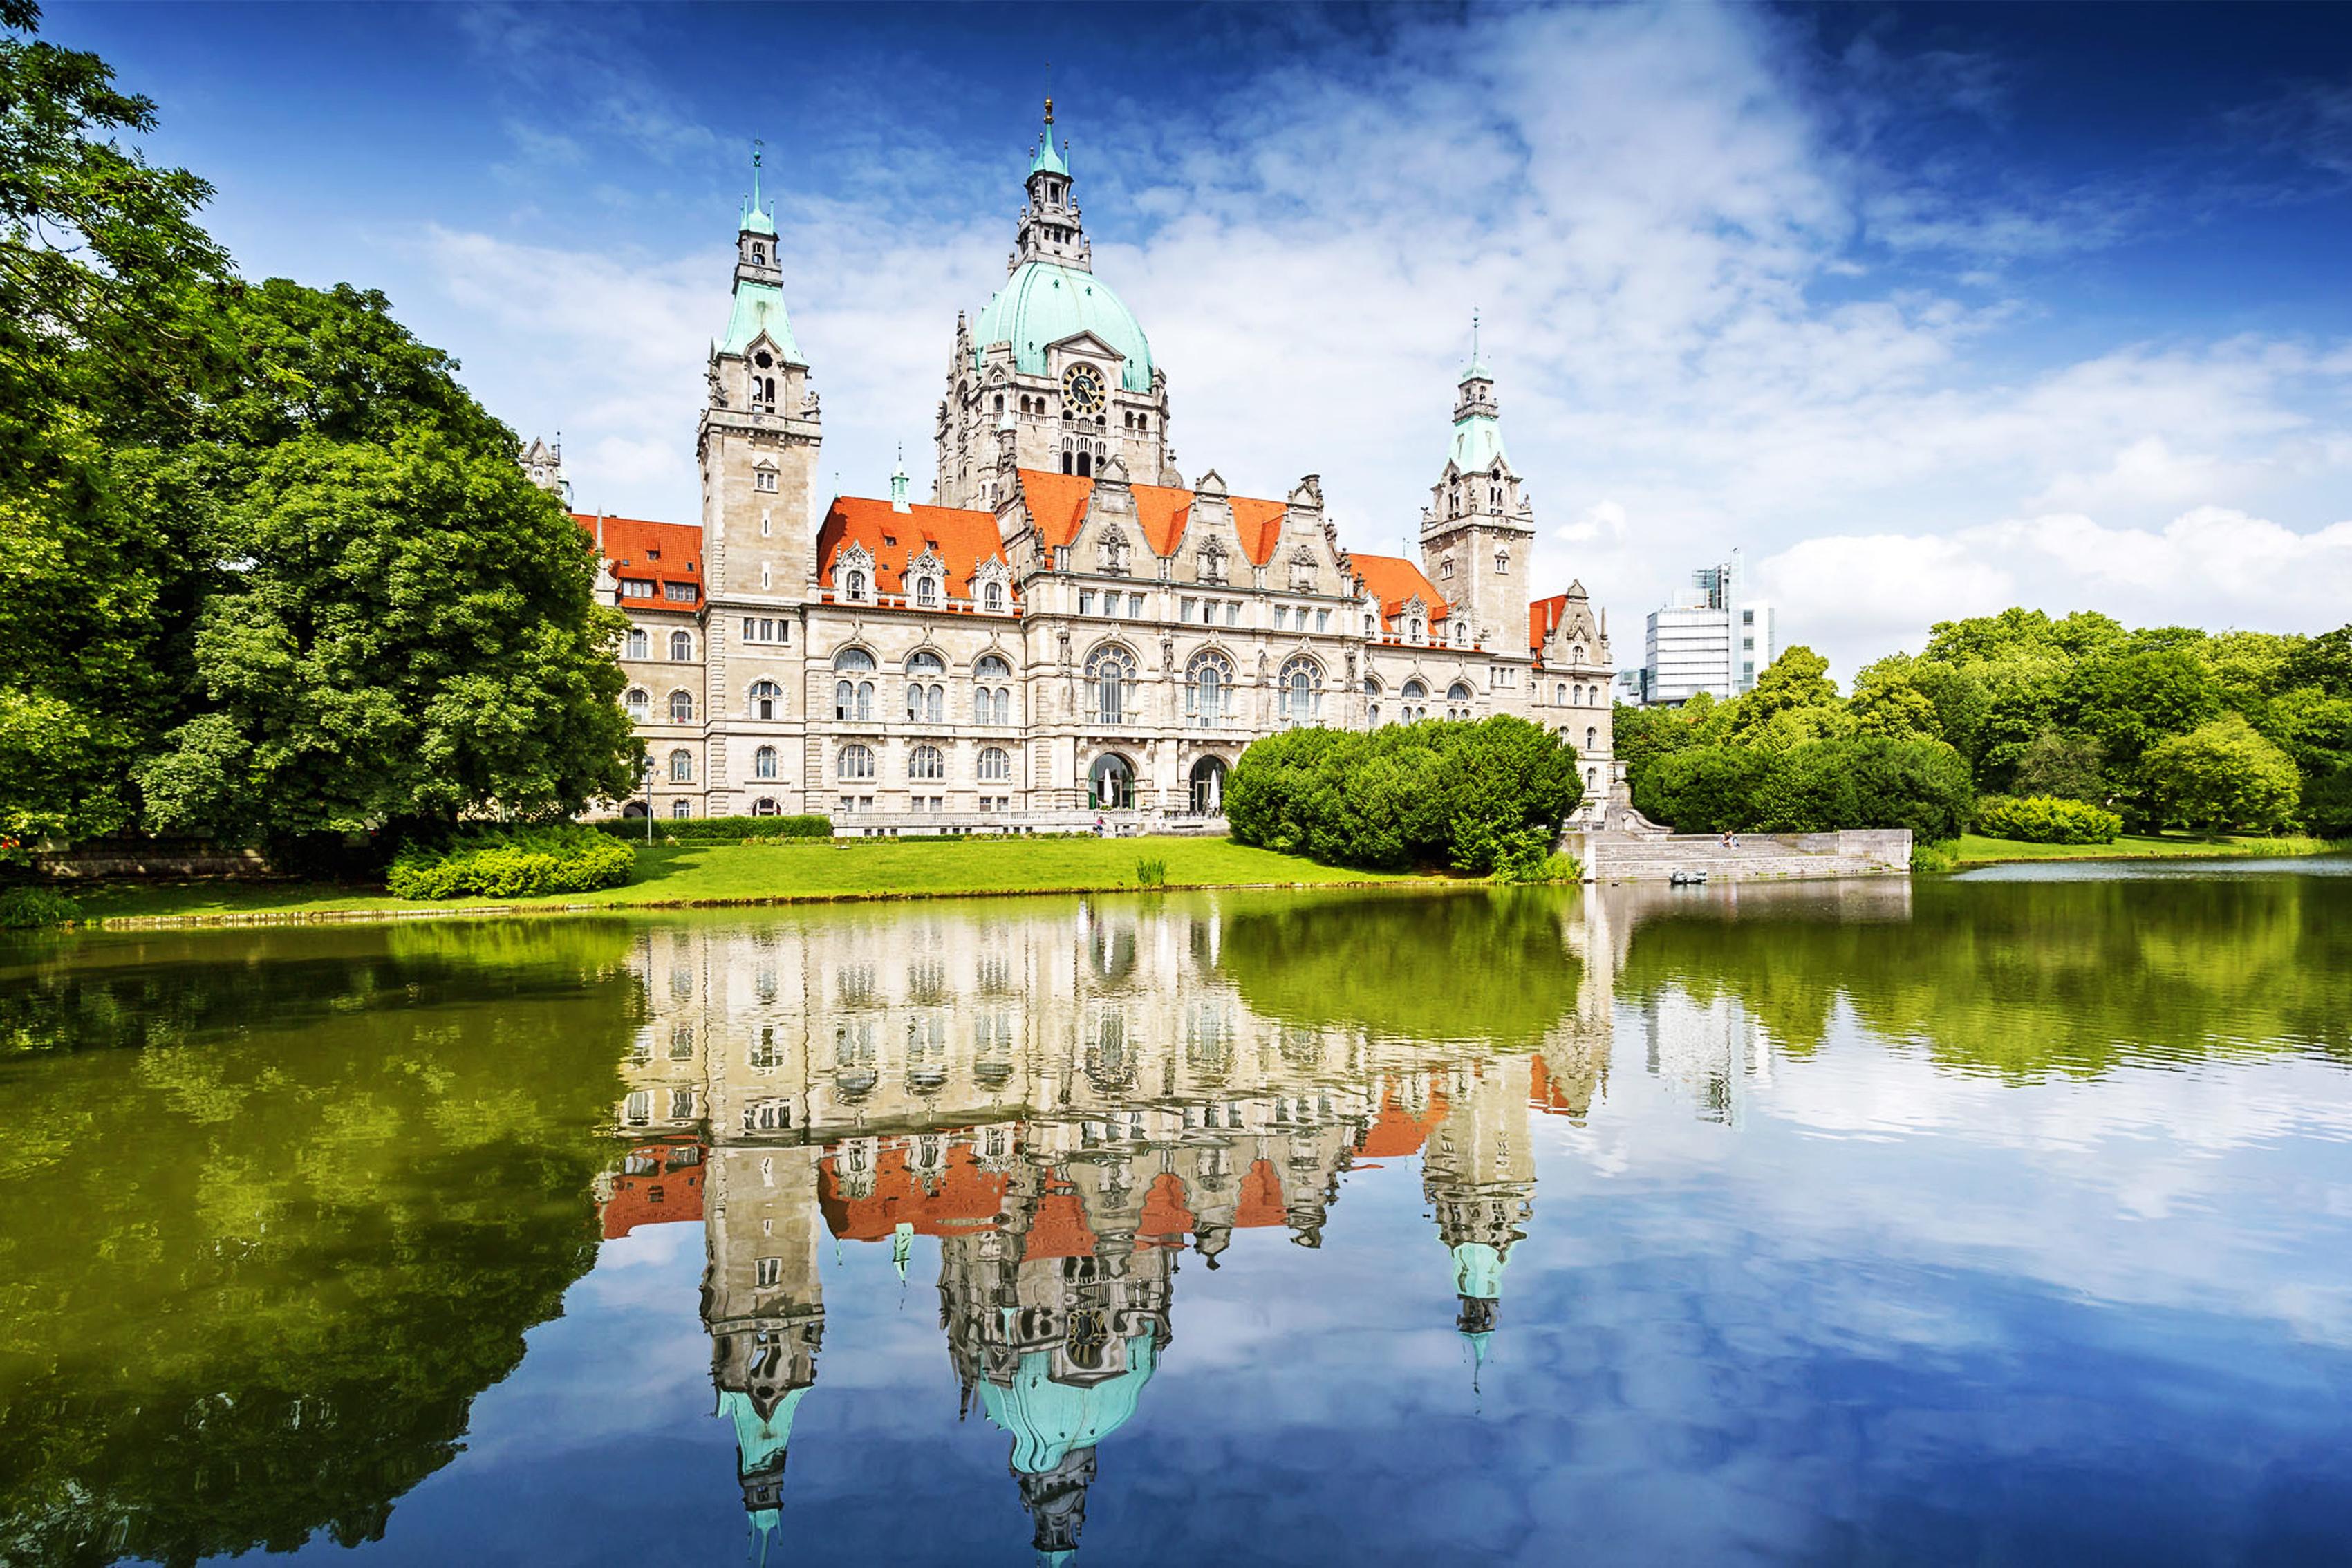 Картинка: Ганновер, Германия, Новая Ратуша, дворец, здание, отражение, вода, небо, облака, деревья